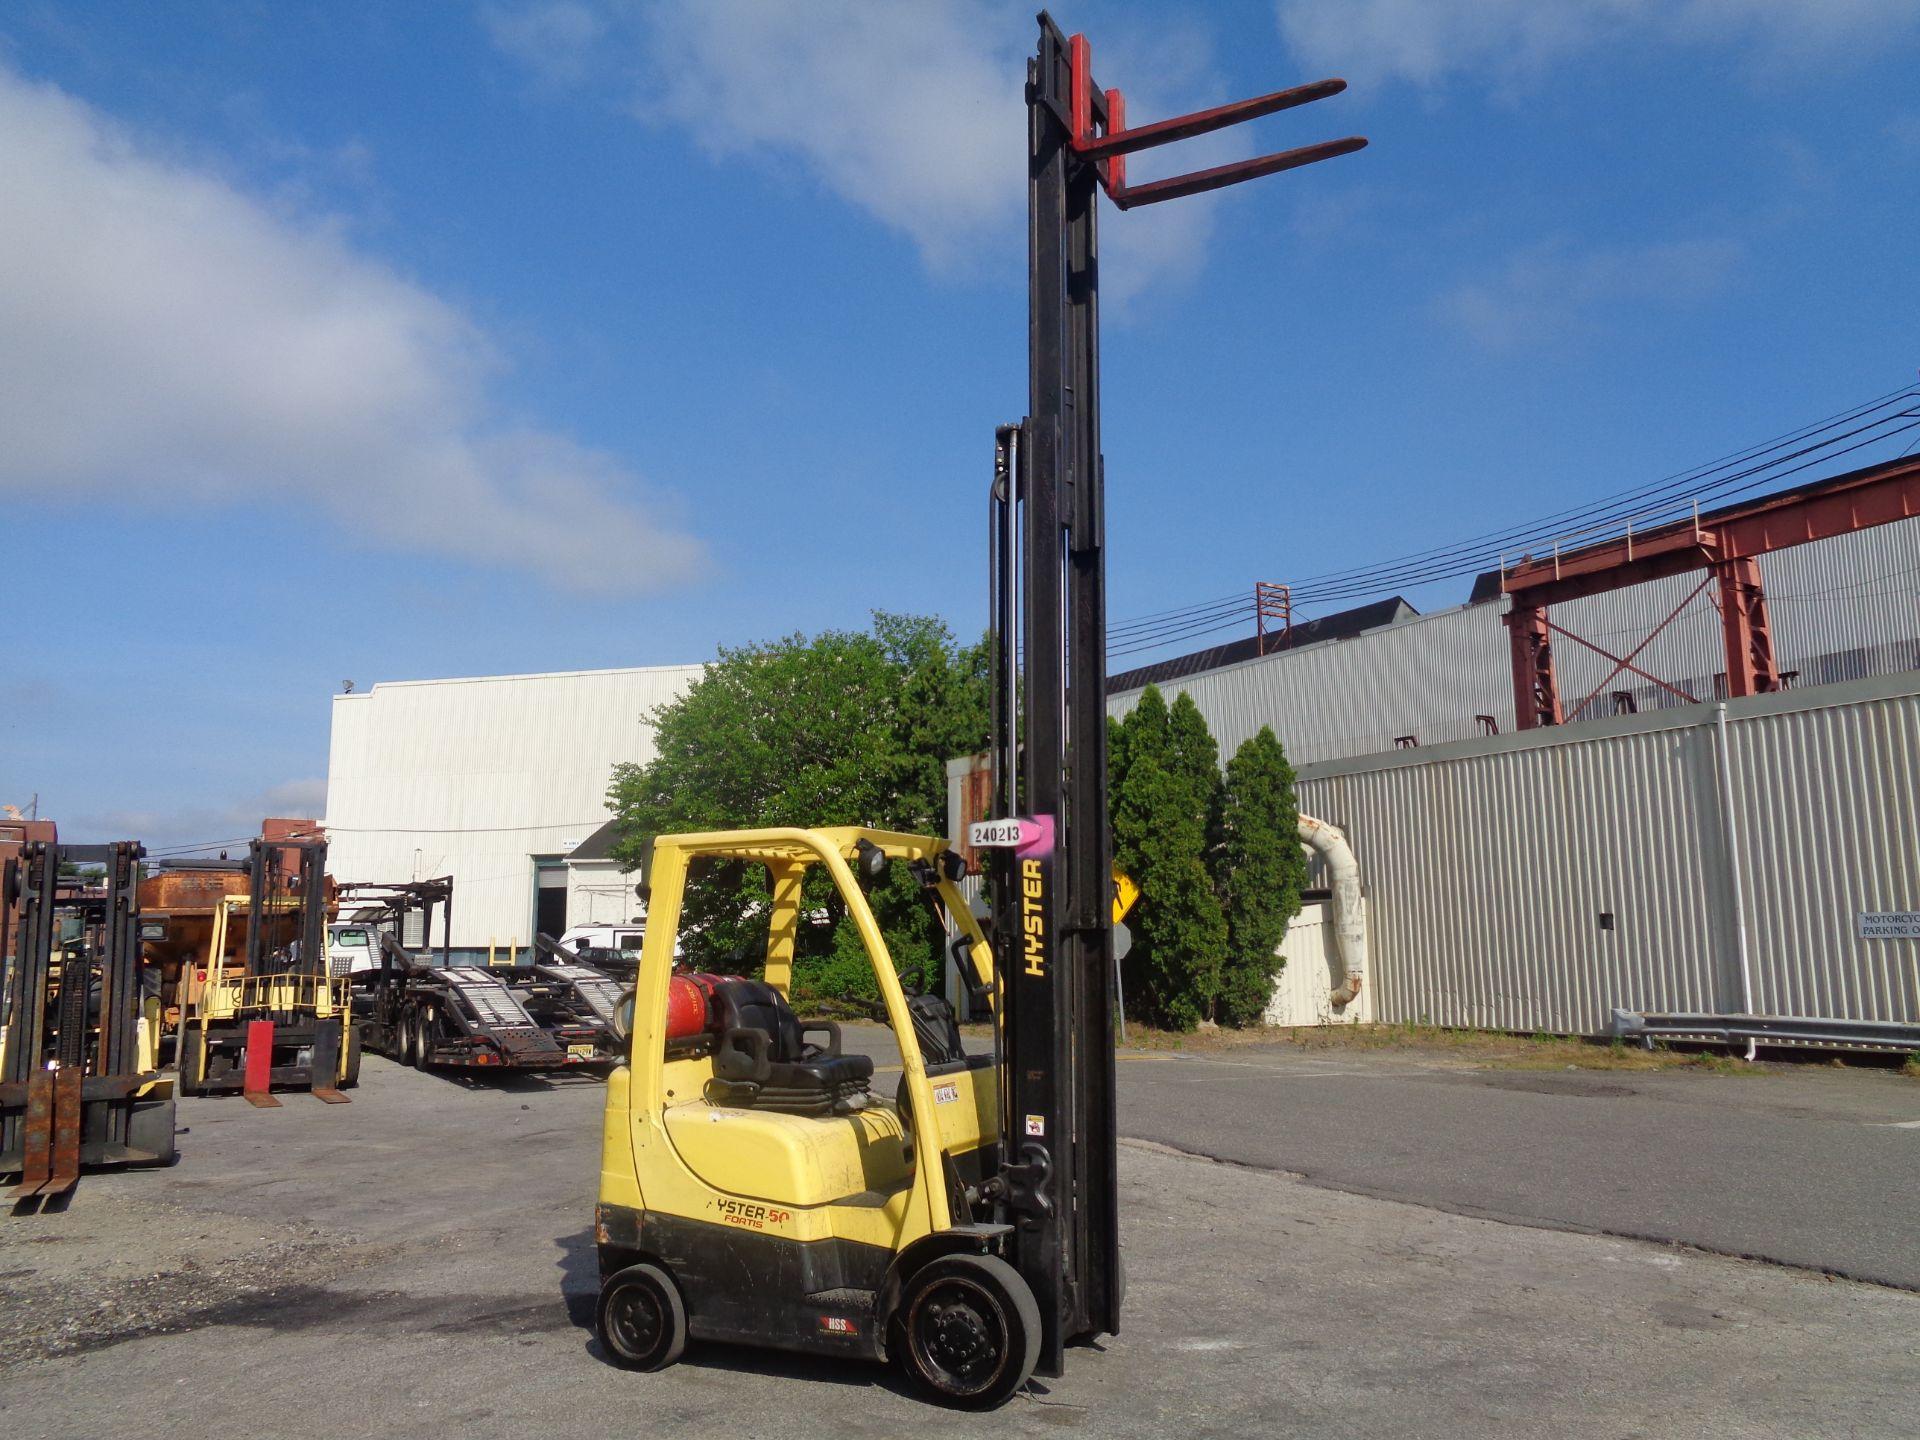 2015 Hyster S50FT 5,000 lb Forklift - Image 13 of 17